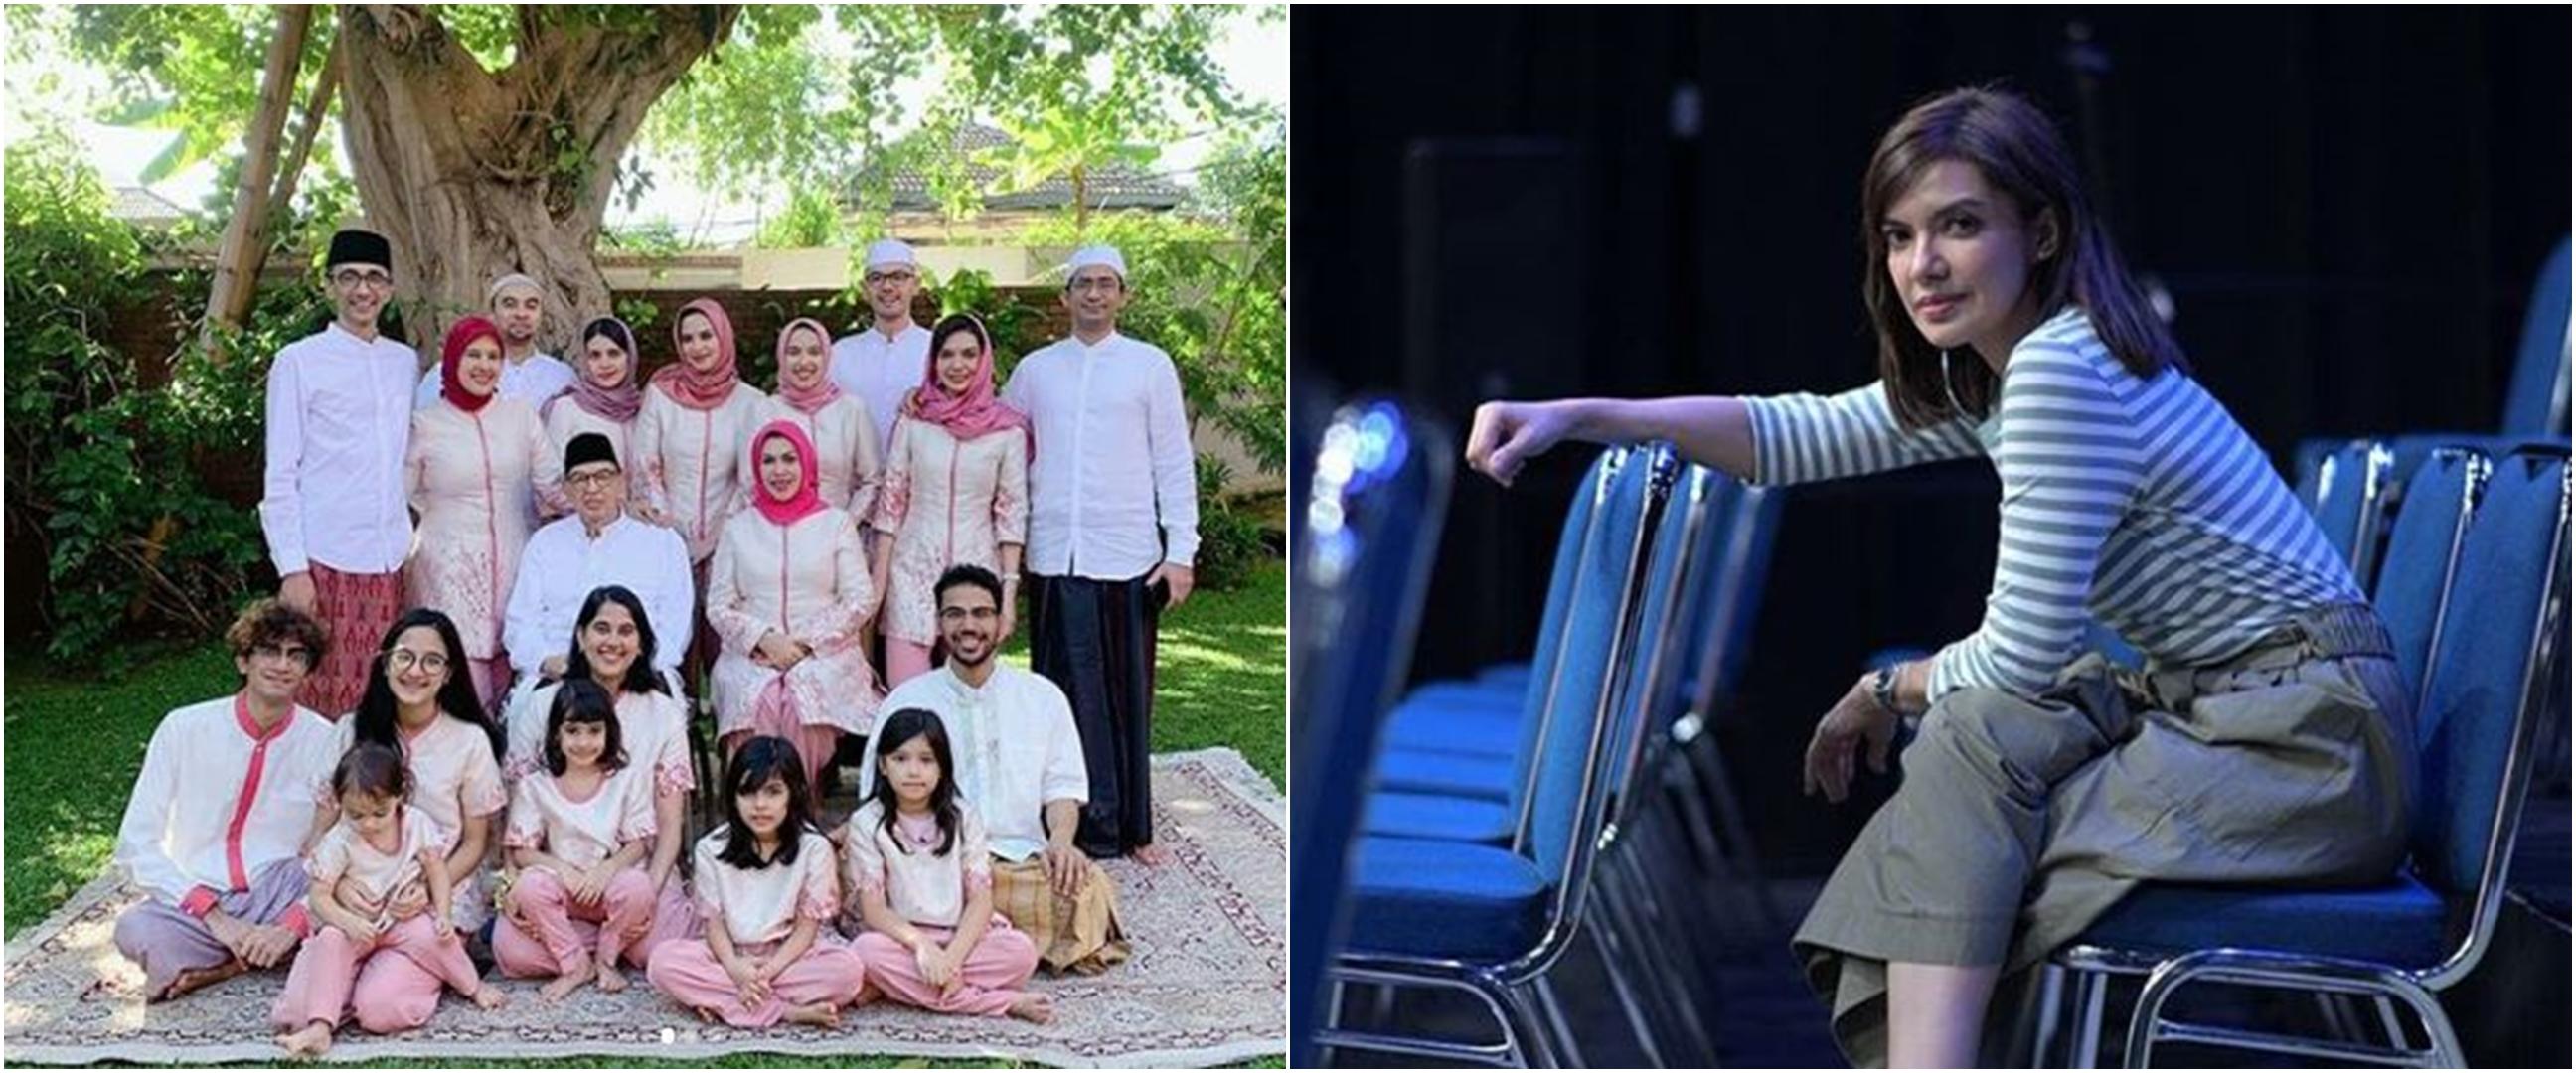 10 Potret cantik Sidah Ahmad, adik ipar Najwa Shihab